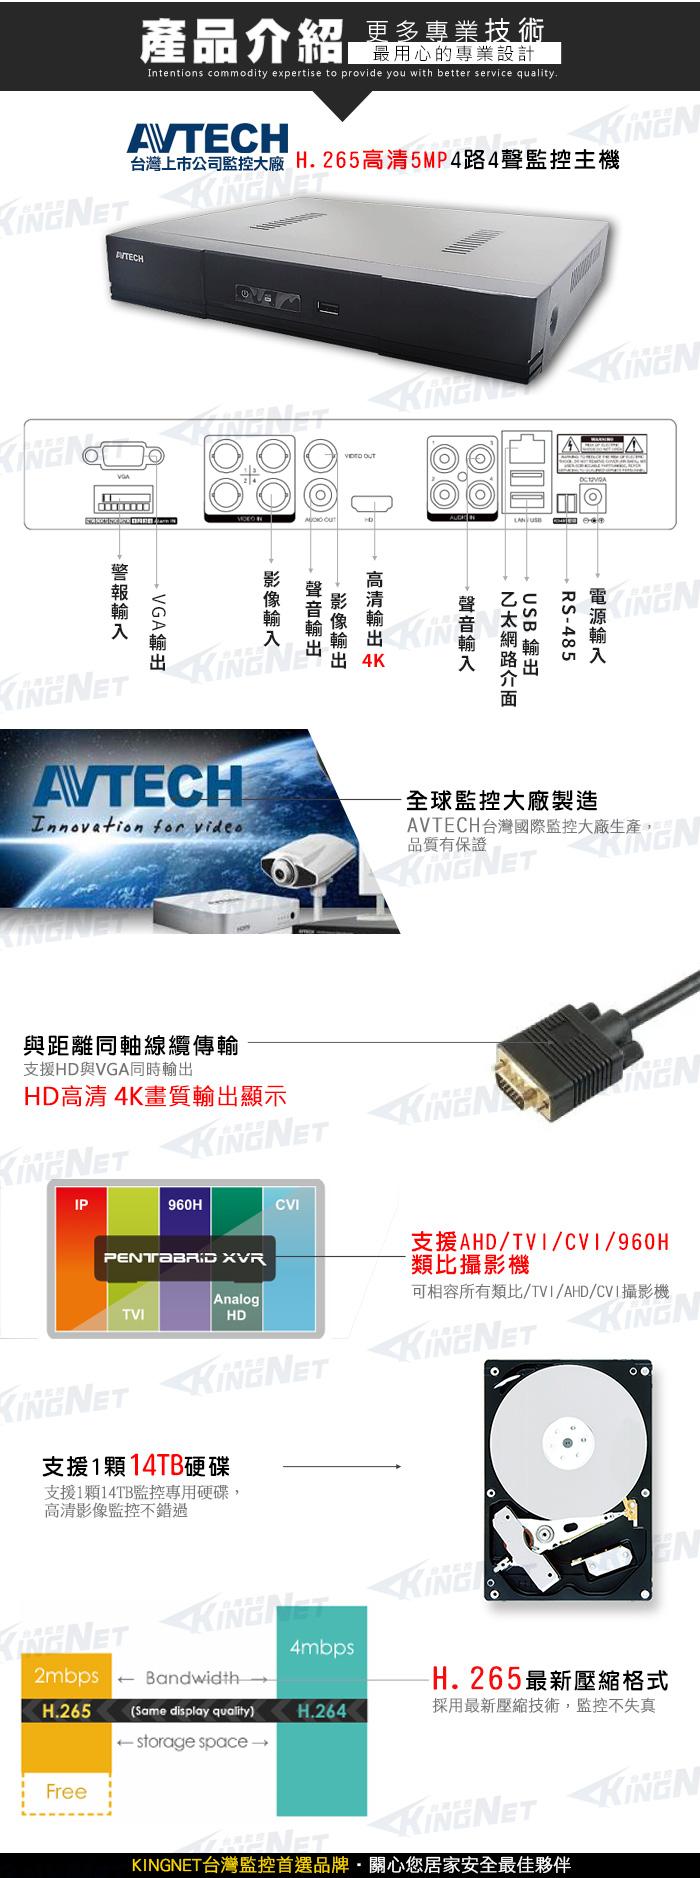 監視器攝影機 KINGNET AVTECH 4路4聲數位監控主機 H.265 500萬 5MP 手機遠端監看 1080P 類比 位移偵測